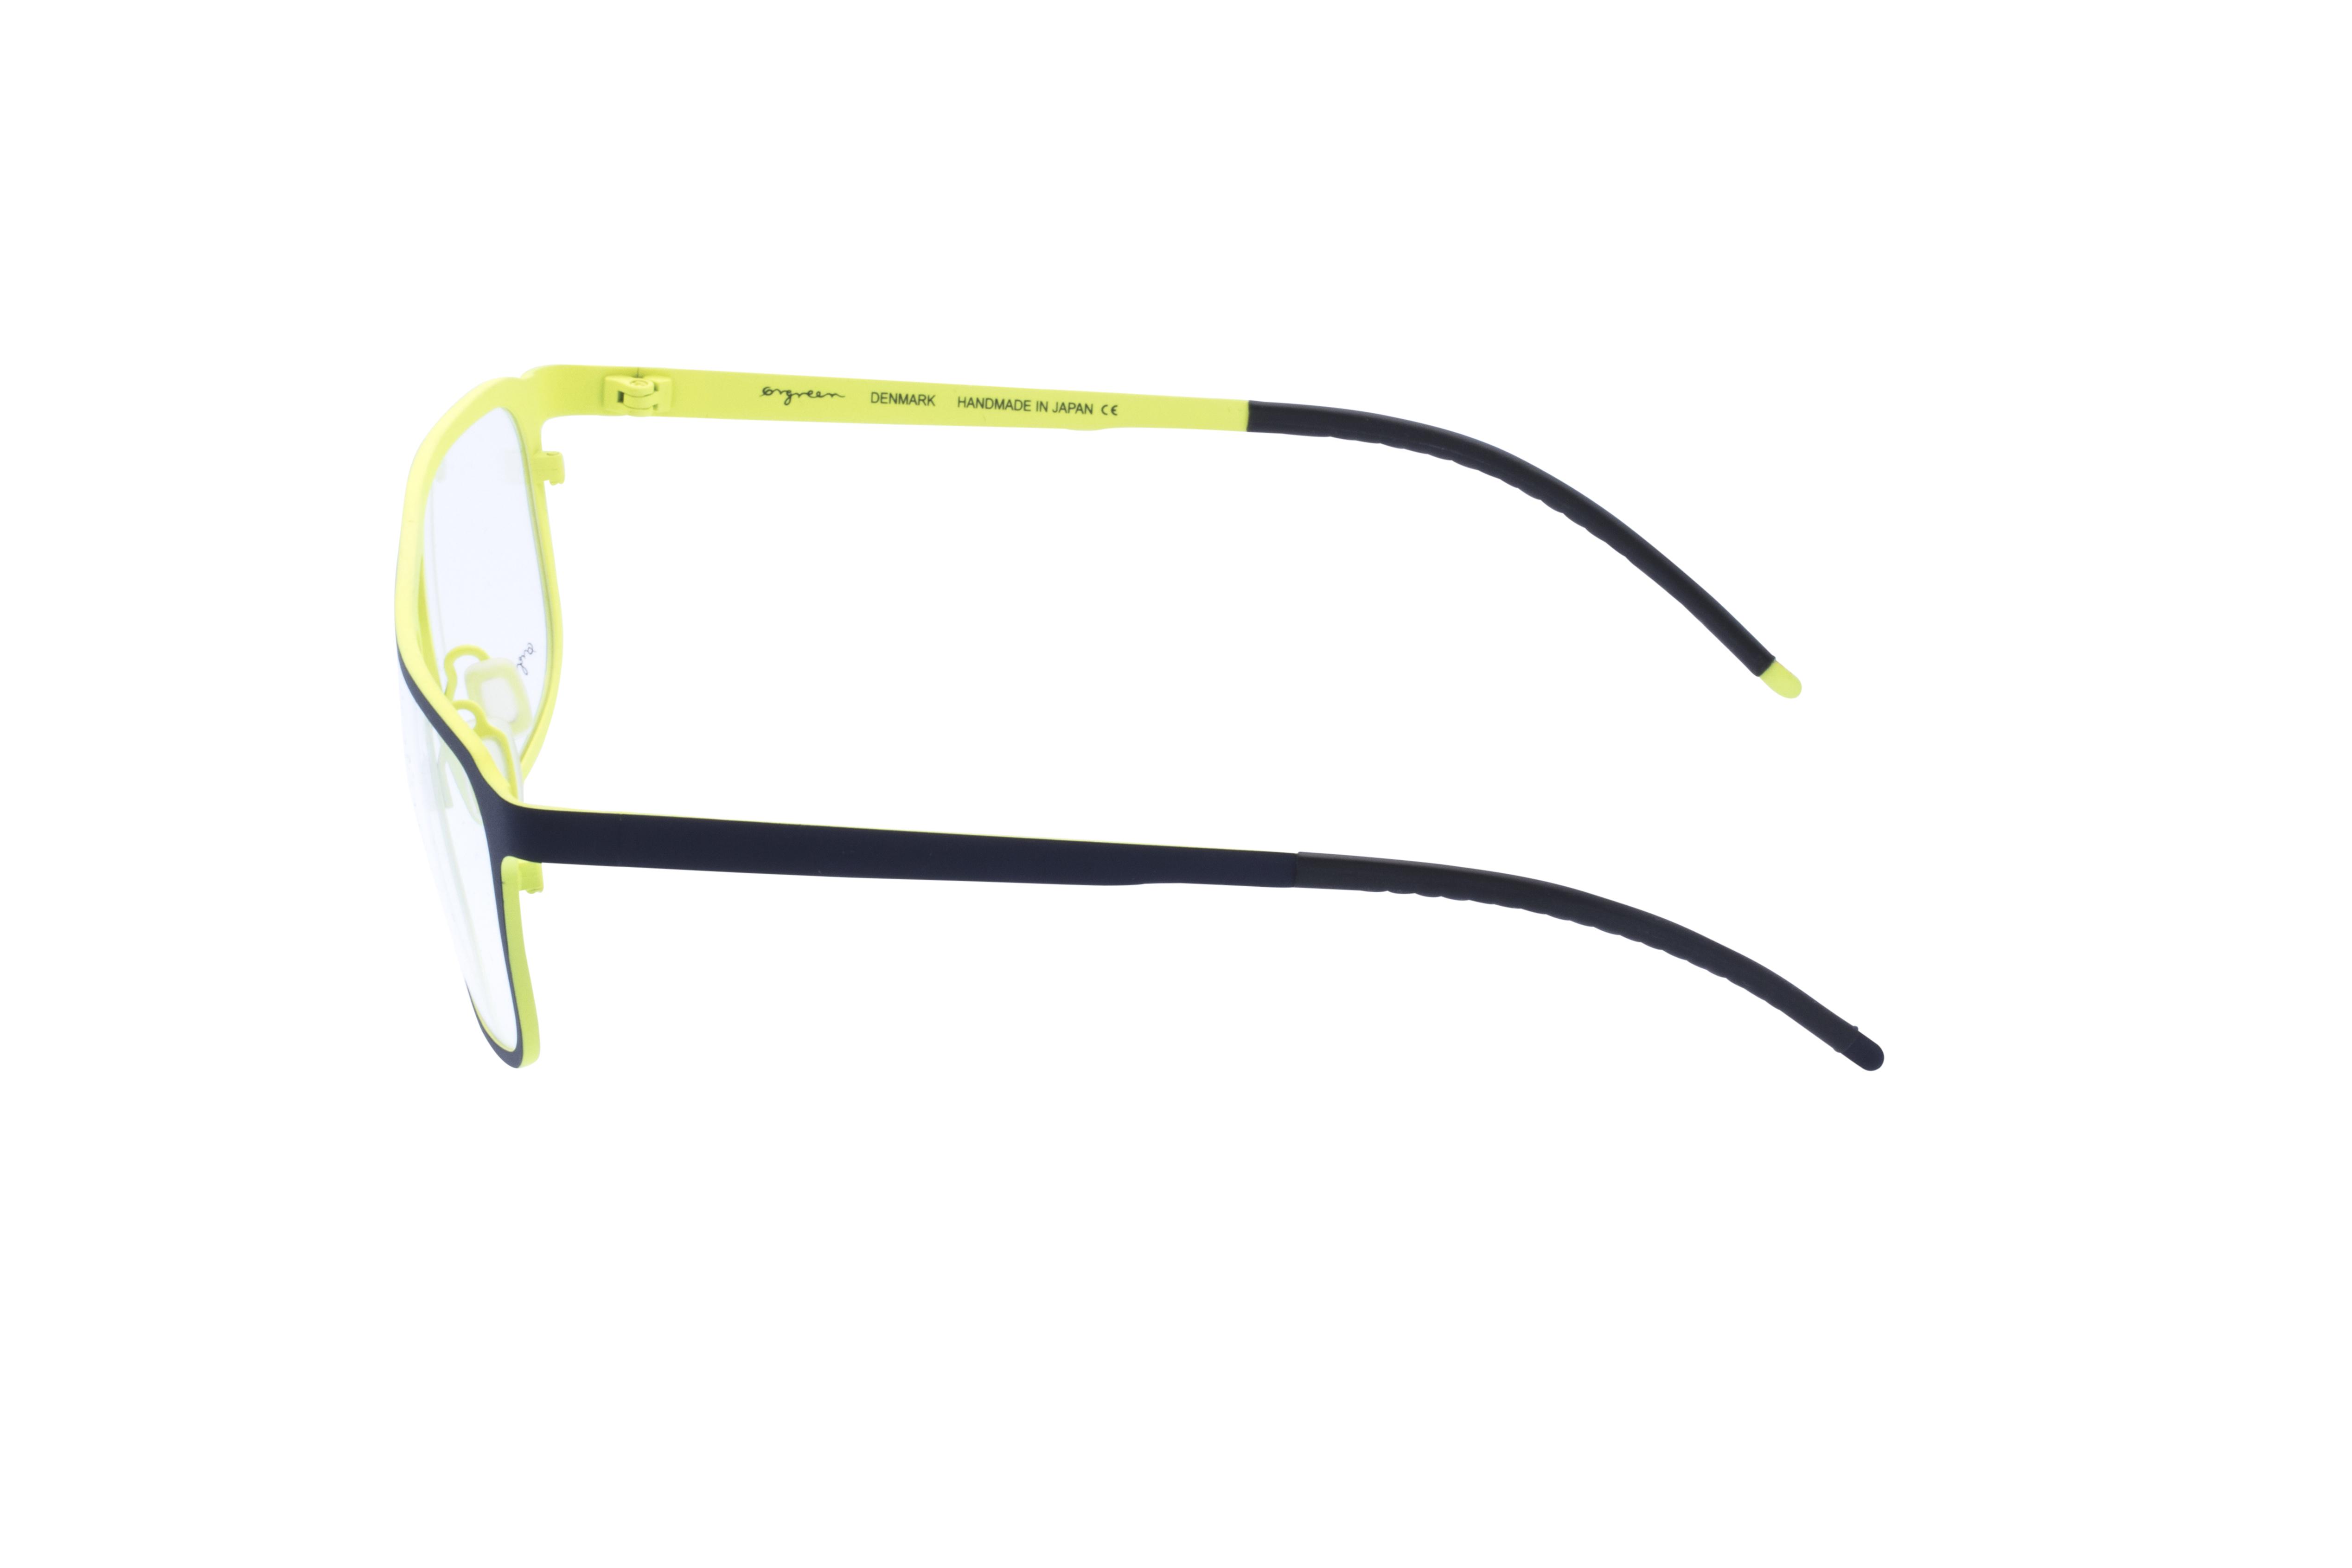 360 Grad Ansicht 18 Orgreen Crow, Brille auf Weiß - Fassung bei KUNK